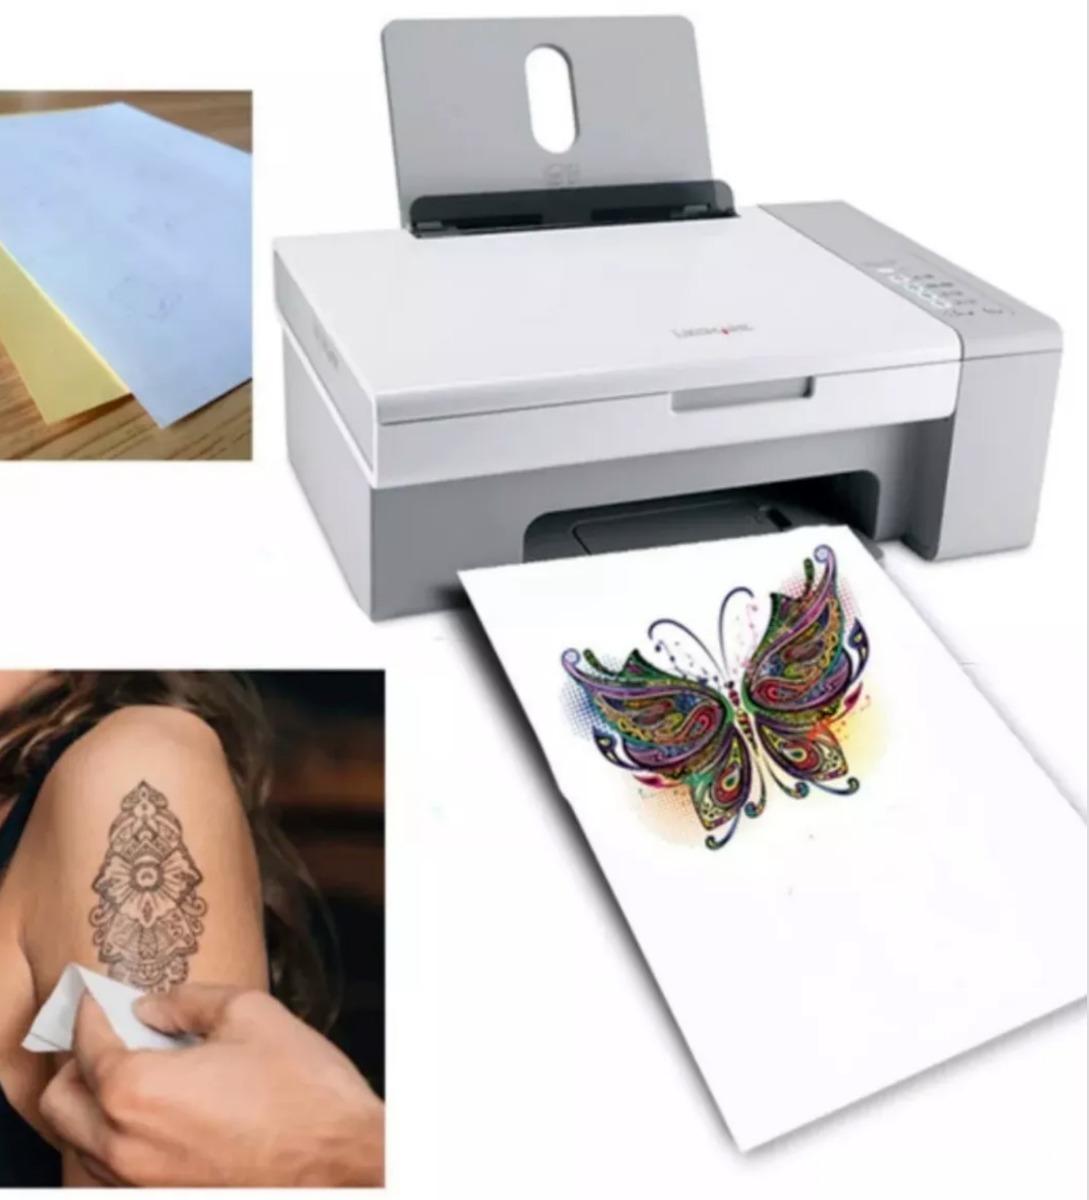 Tatuaje De Transferencia De Papel 5 Hojas A4 Para Hacer Falso Tatuajes